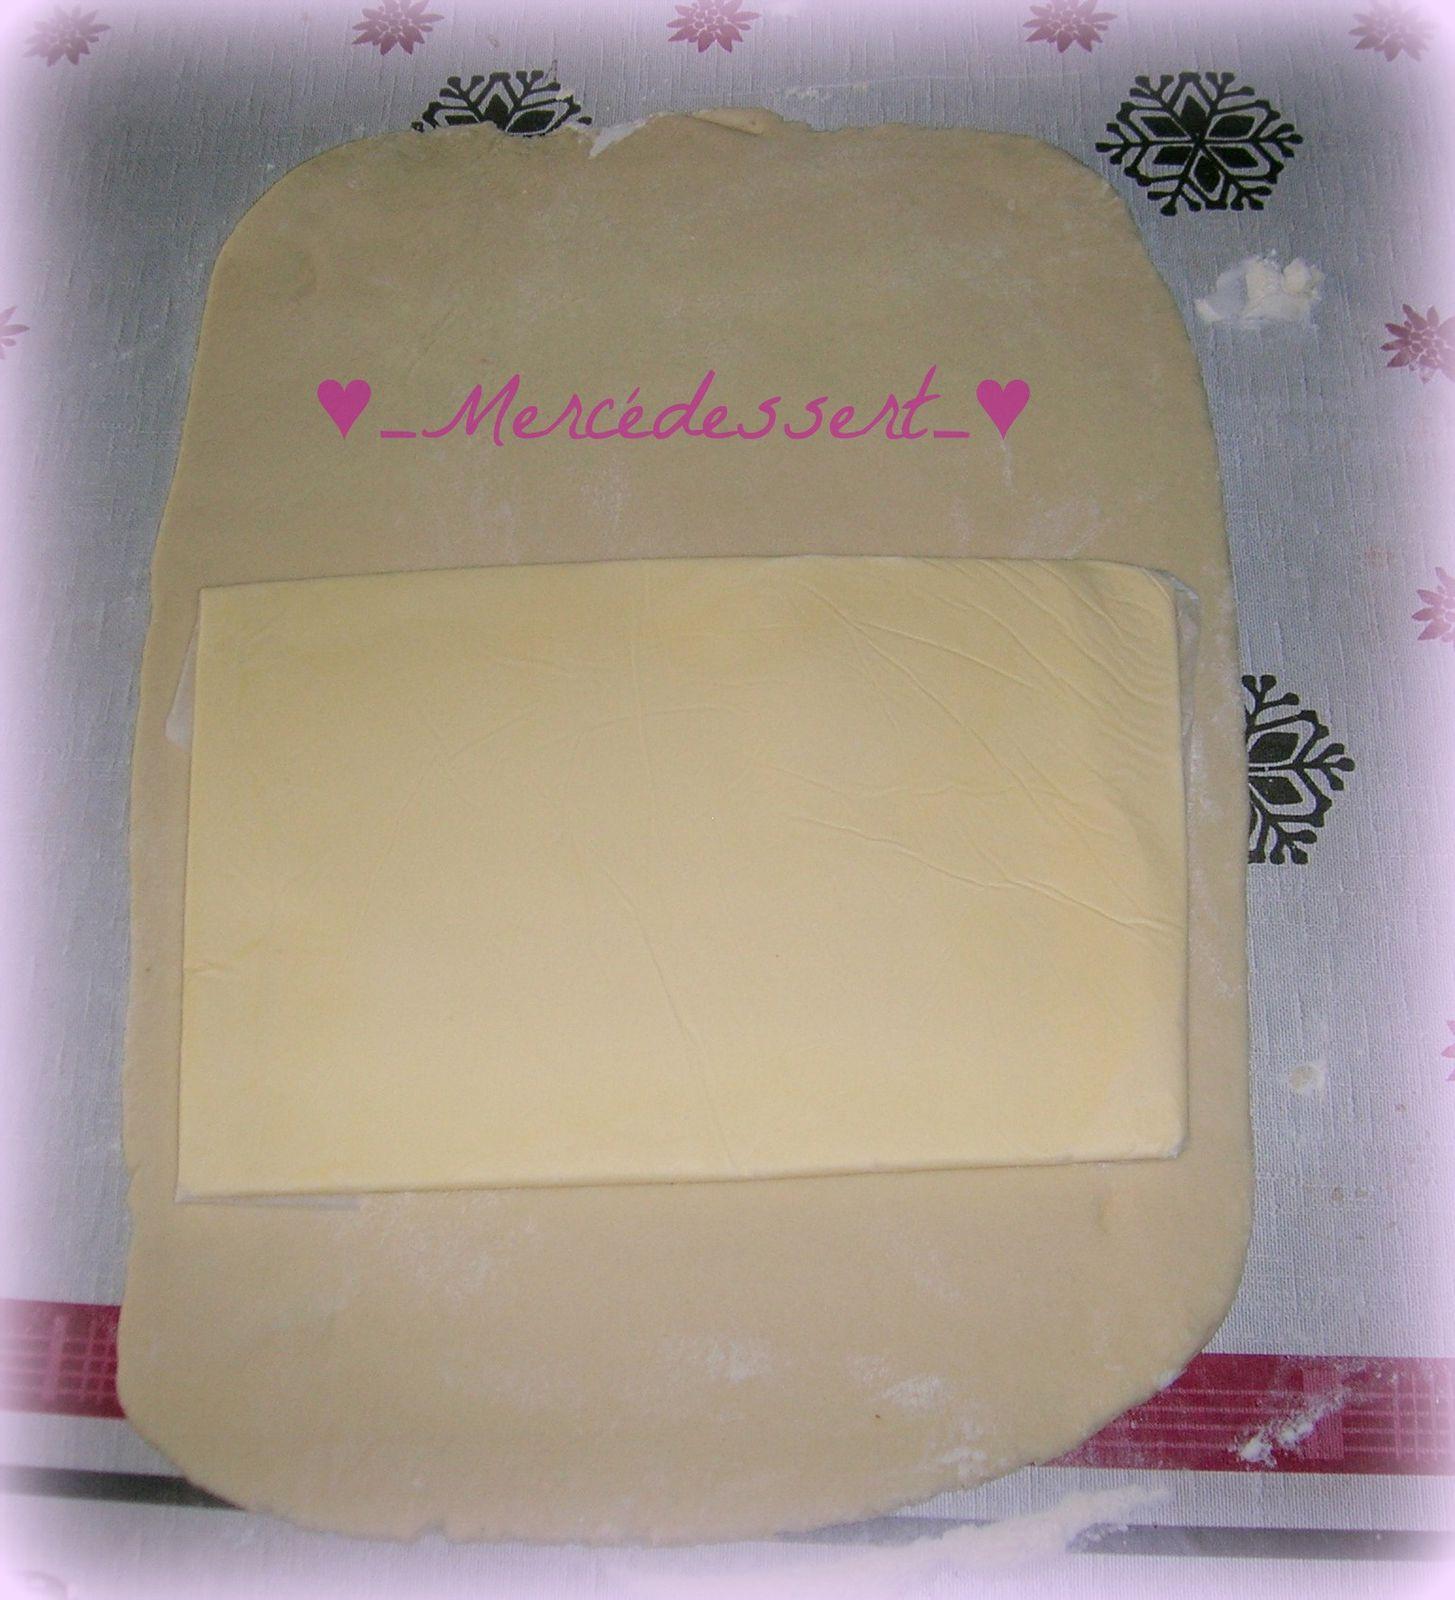 Préparation du feuilletage avec une pâte et une plaque de beurre.